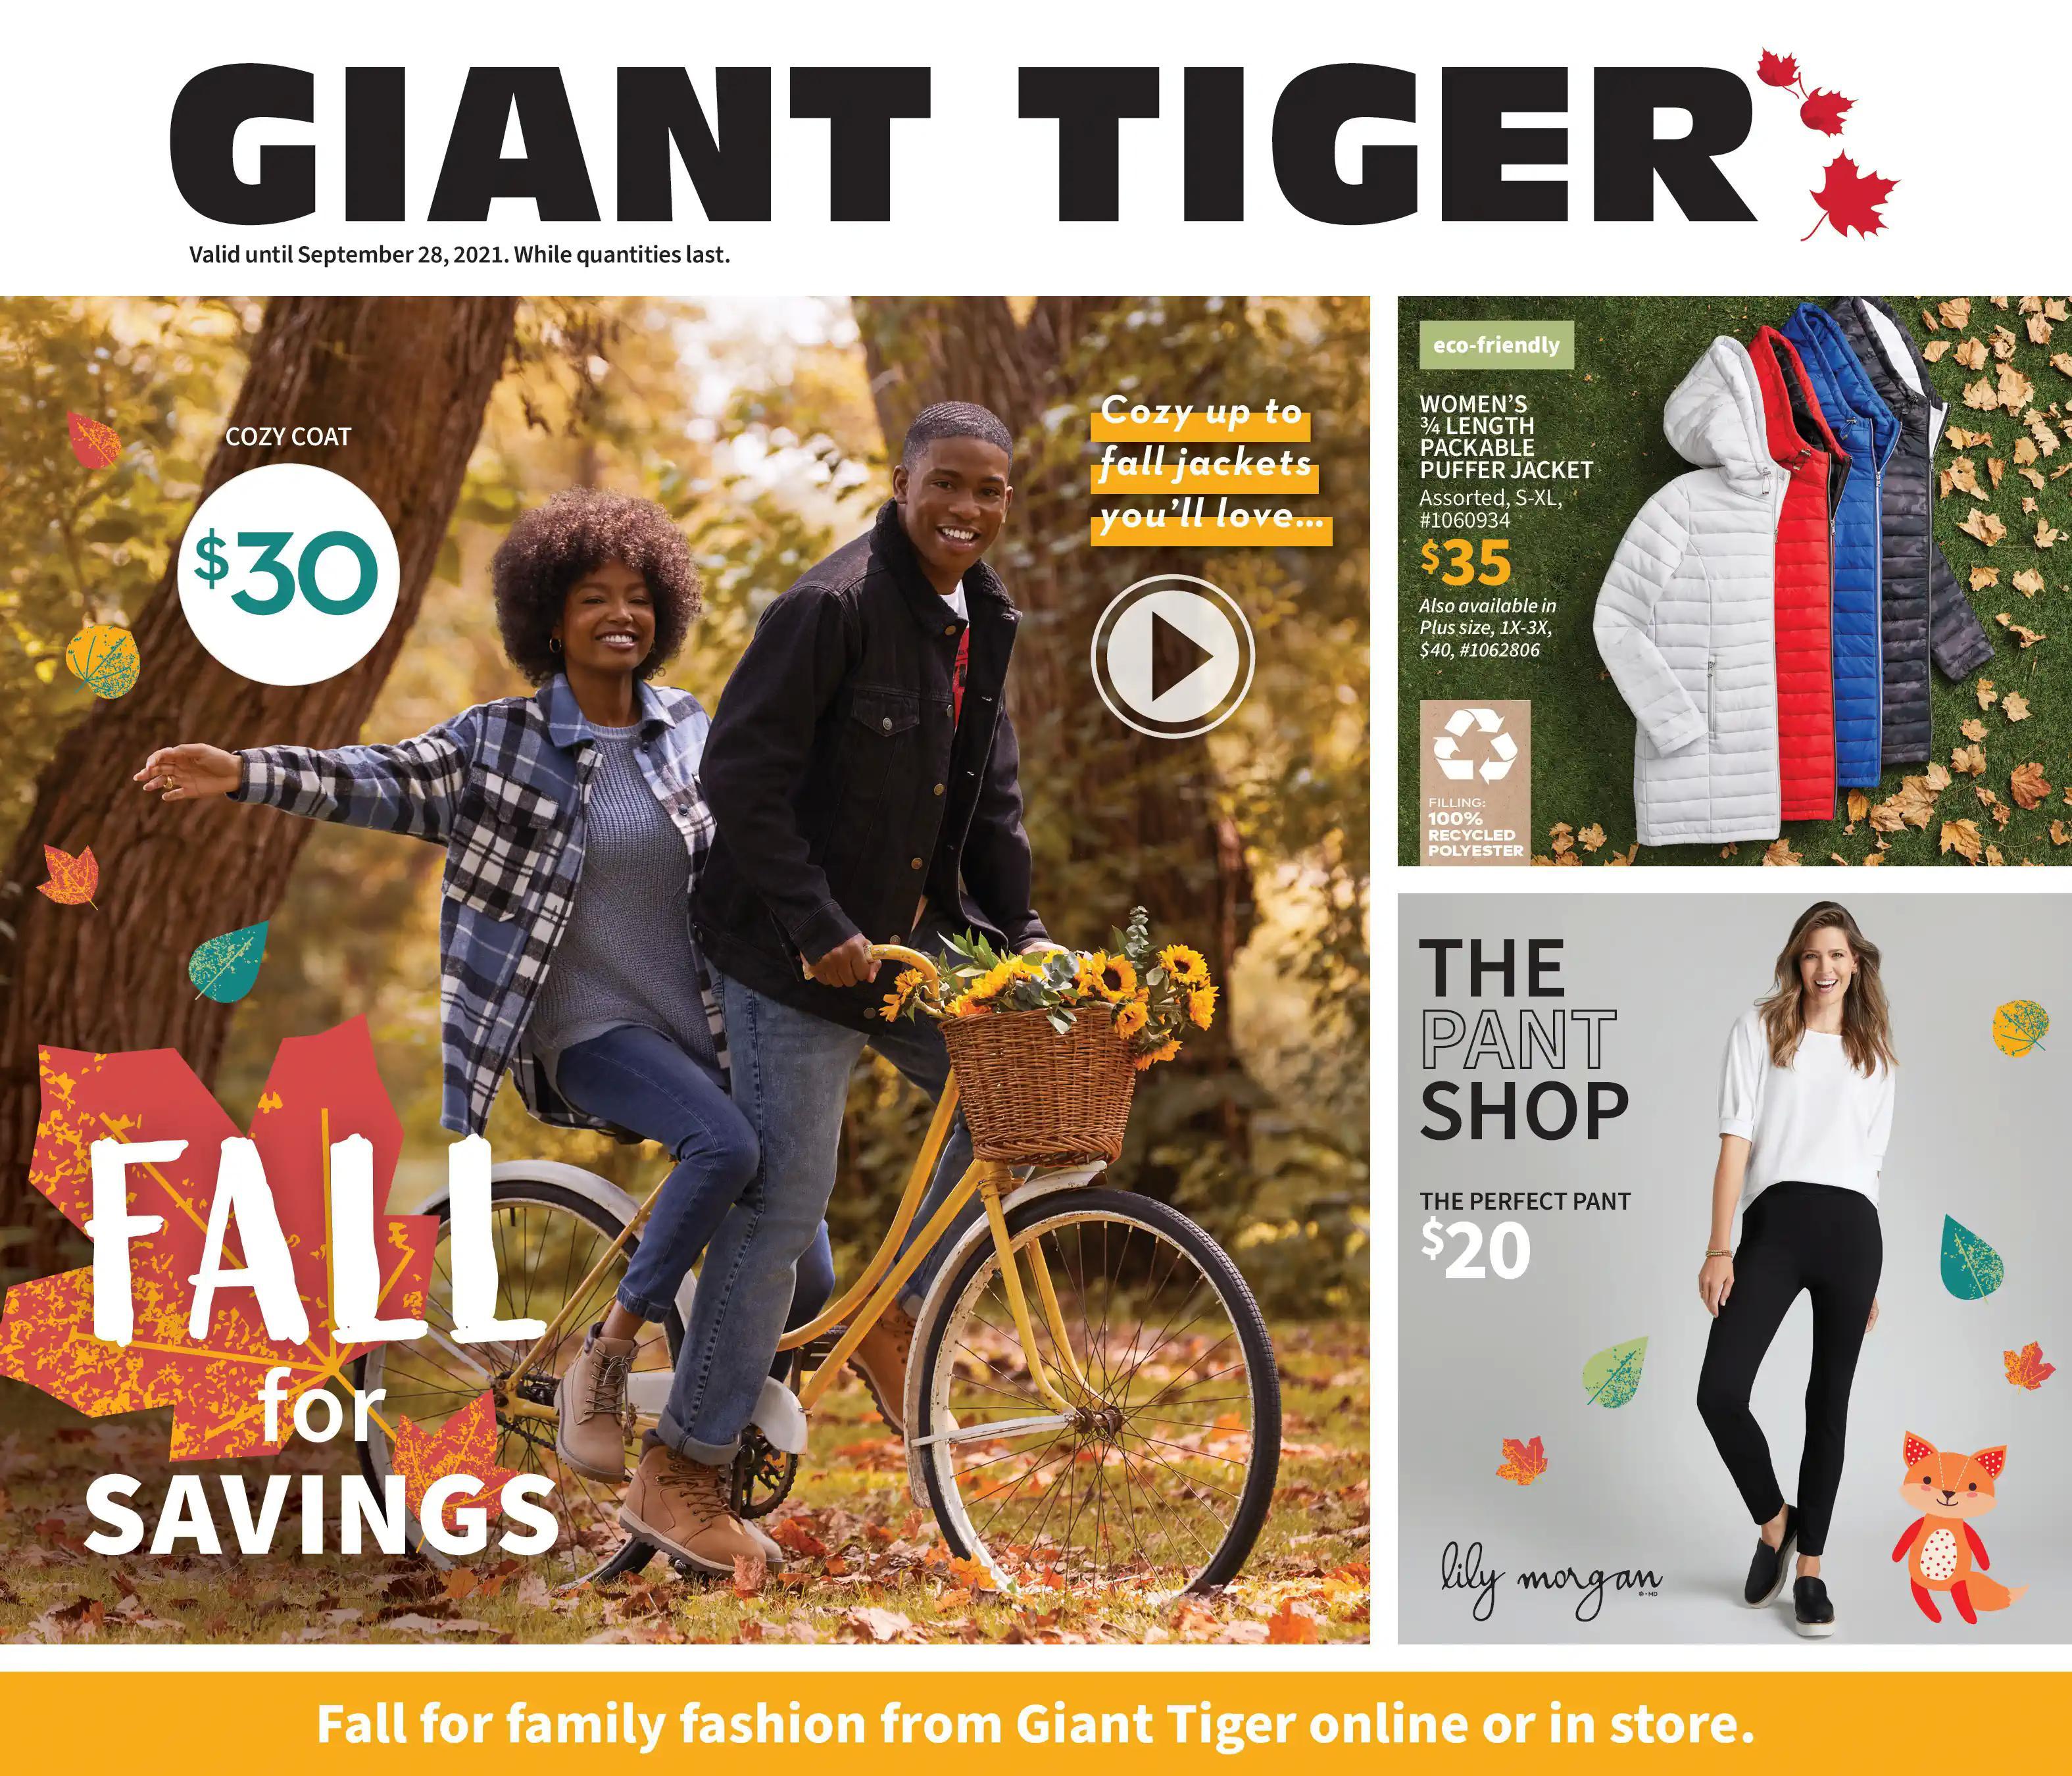 Giant Tiger - Fall for Savings